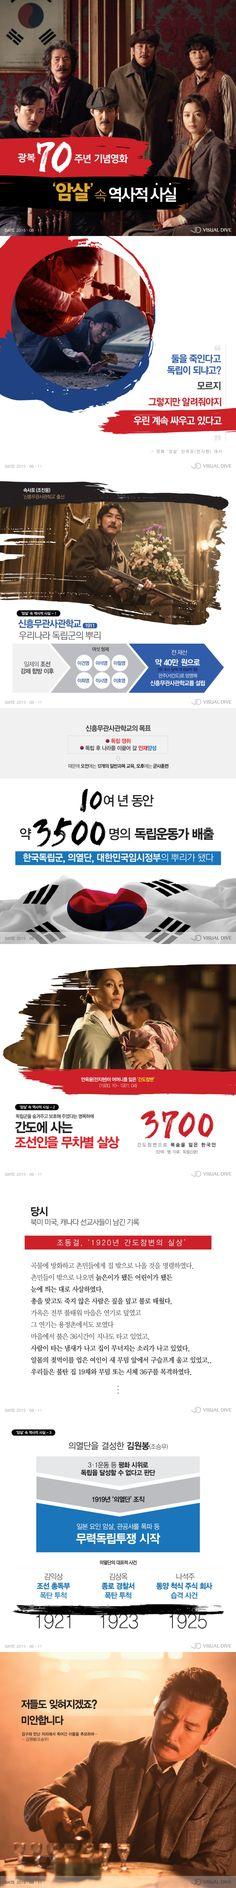 광복 70주년…영화 '암살' 속 역사 이야기 [카드뉴스] #Independence / #Infographic ⓒ 비주얼다이브 무단 복사·전재·재배포 금지